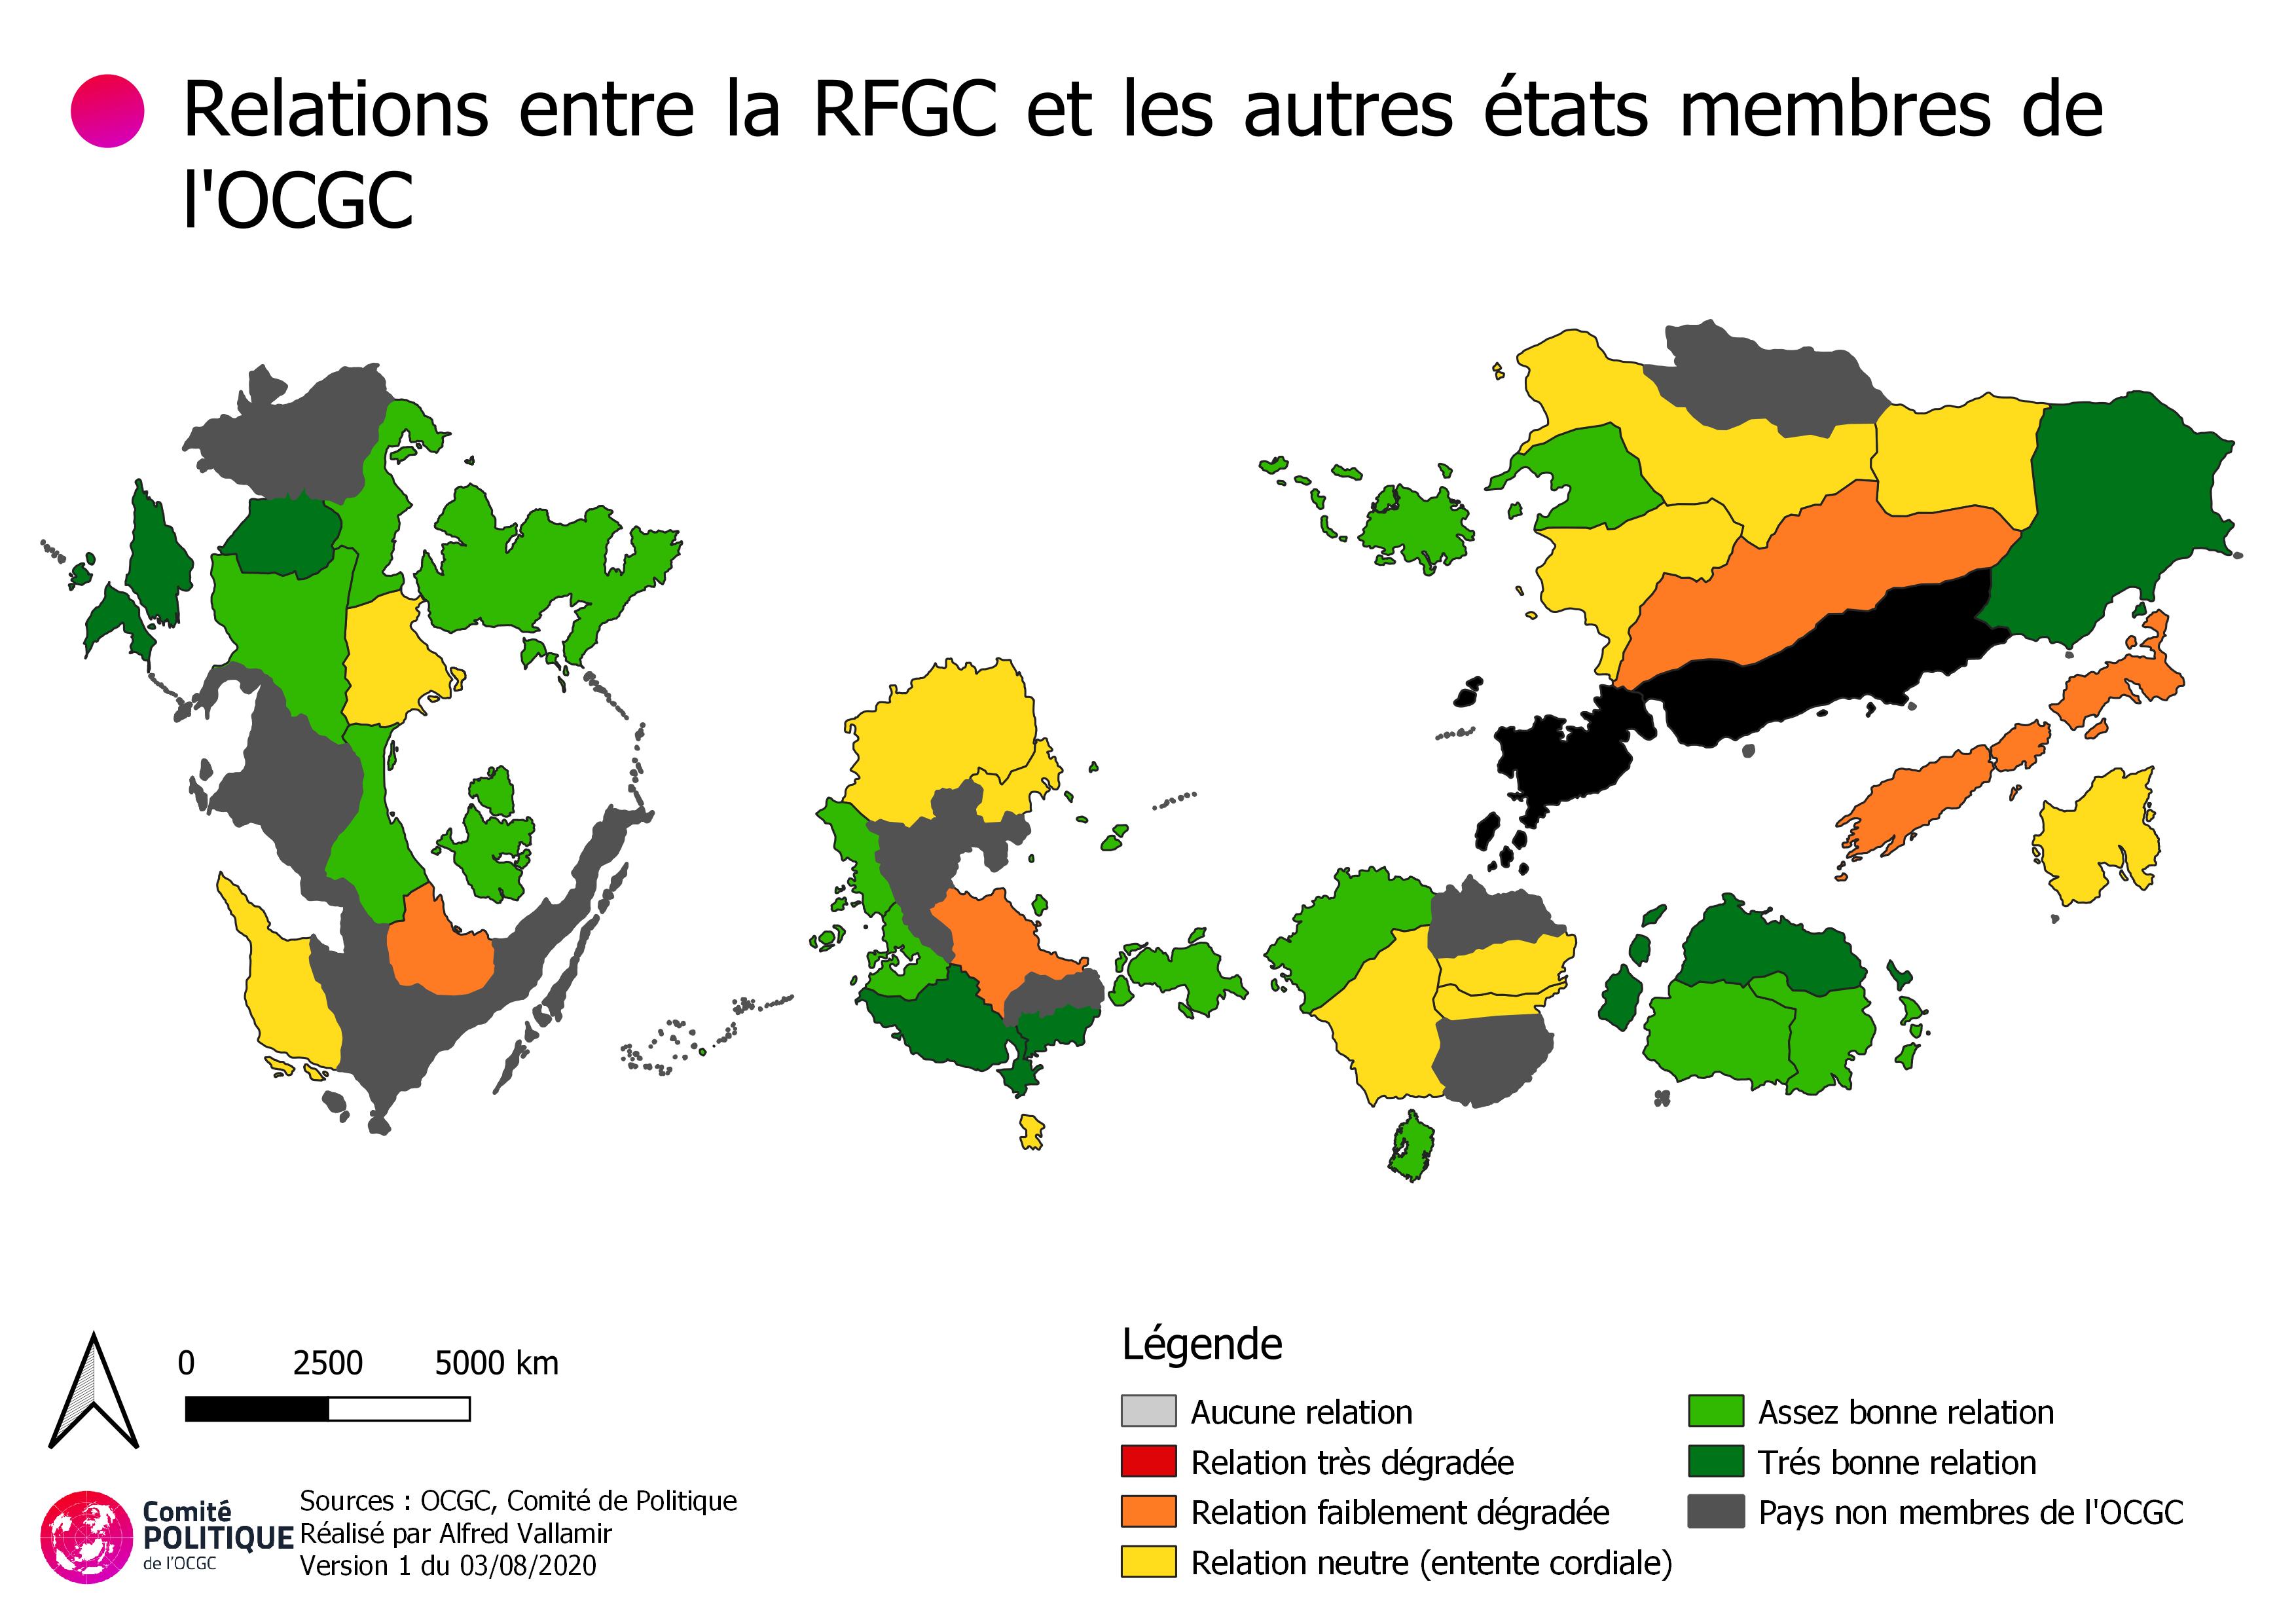 Atlas du comité de politique - L'édition 2021 disponible ! - Page 4 ComPol_Rel_Bil_RFGC